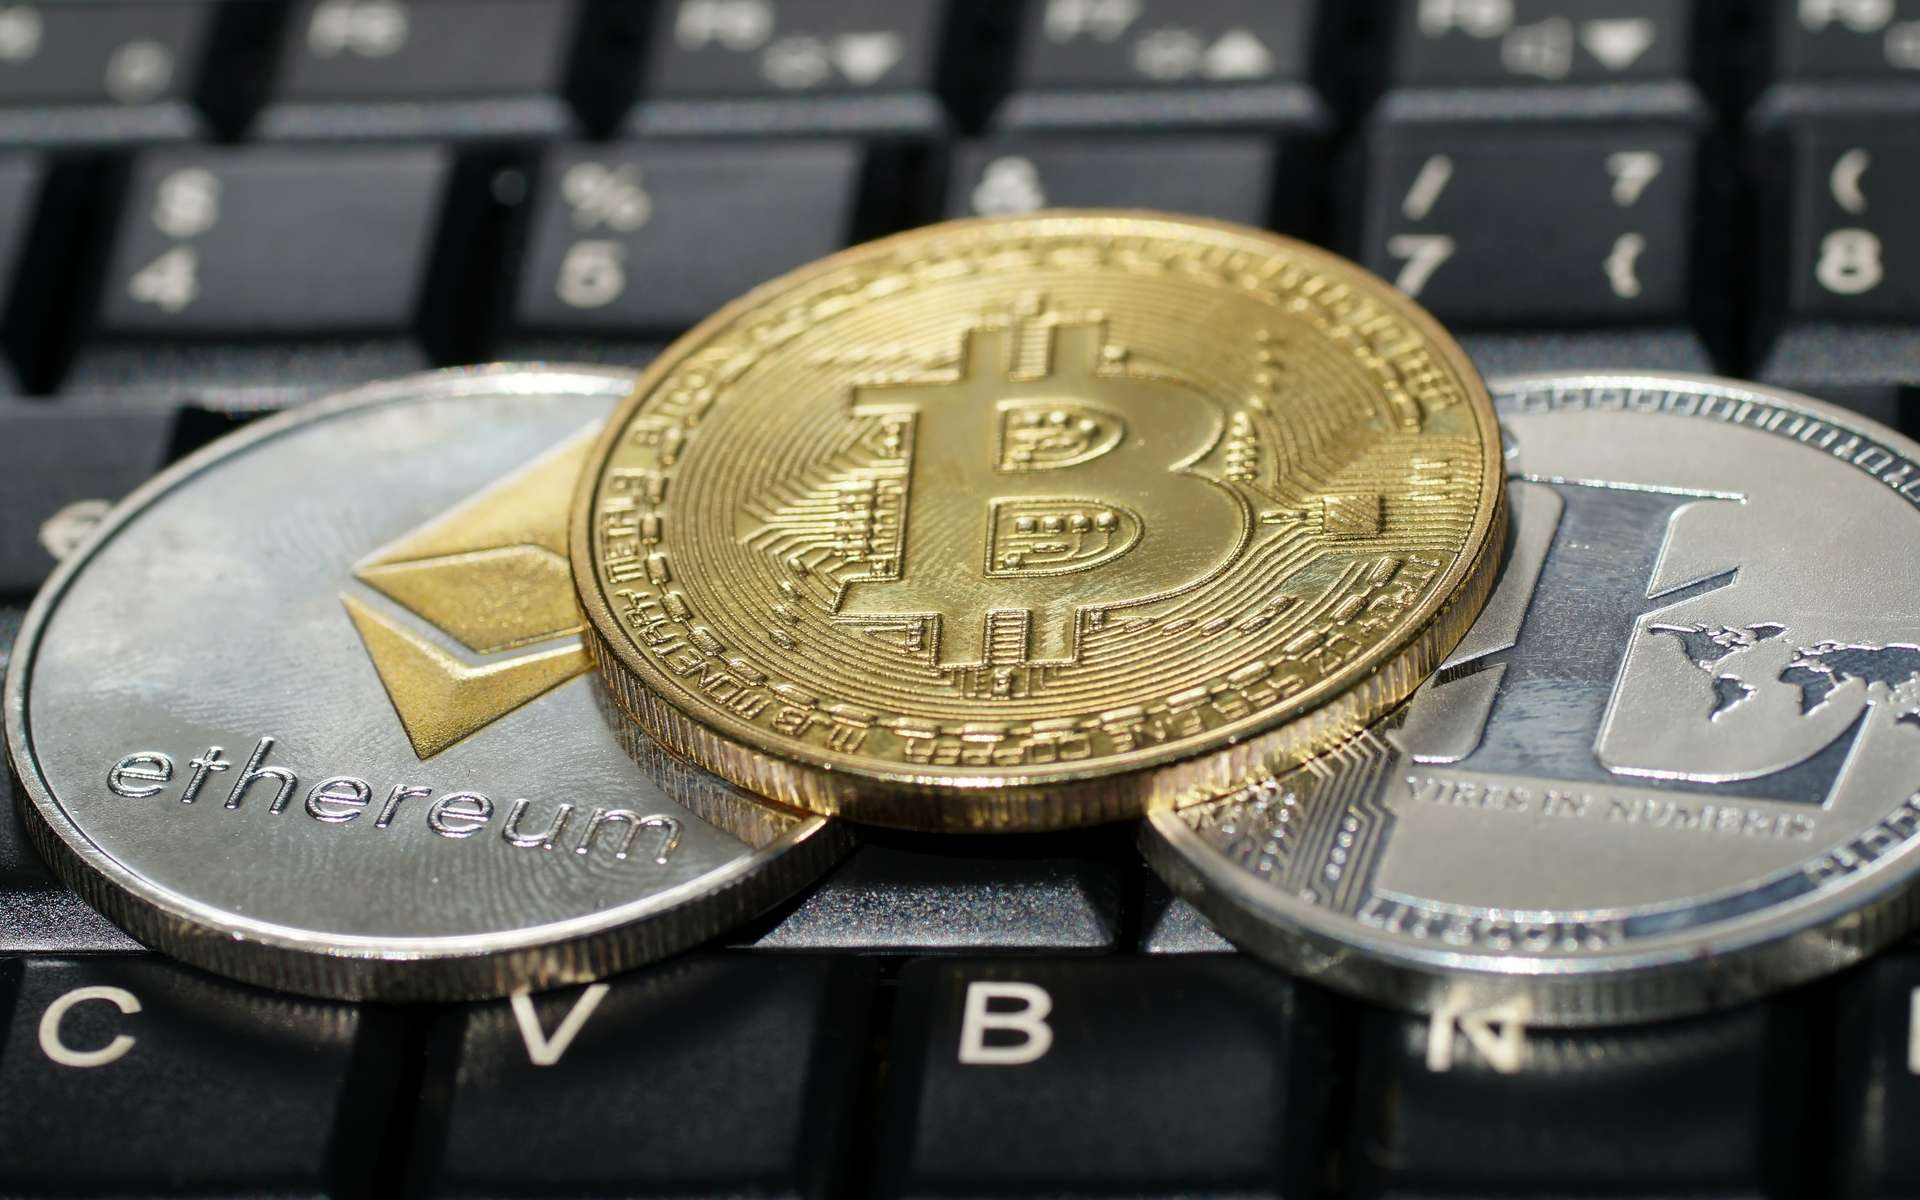 Bitcoin, Ether, Litecoin et Bitcoin Cash : quatre cryptomonnaies que le géant du paiement en ligne PayPal va permettre à ses utilisateurs au Royaume-Uni d'acheter et vendre via sa plateforme de paiement. © brudertack69, Adobe Stock